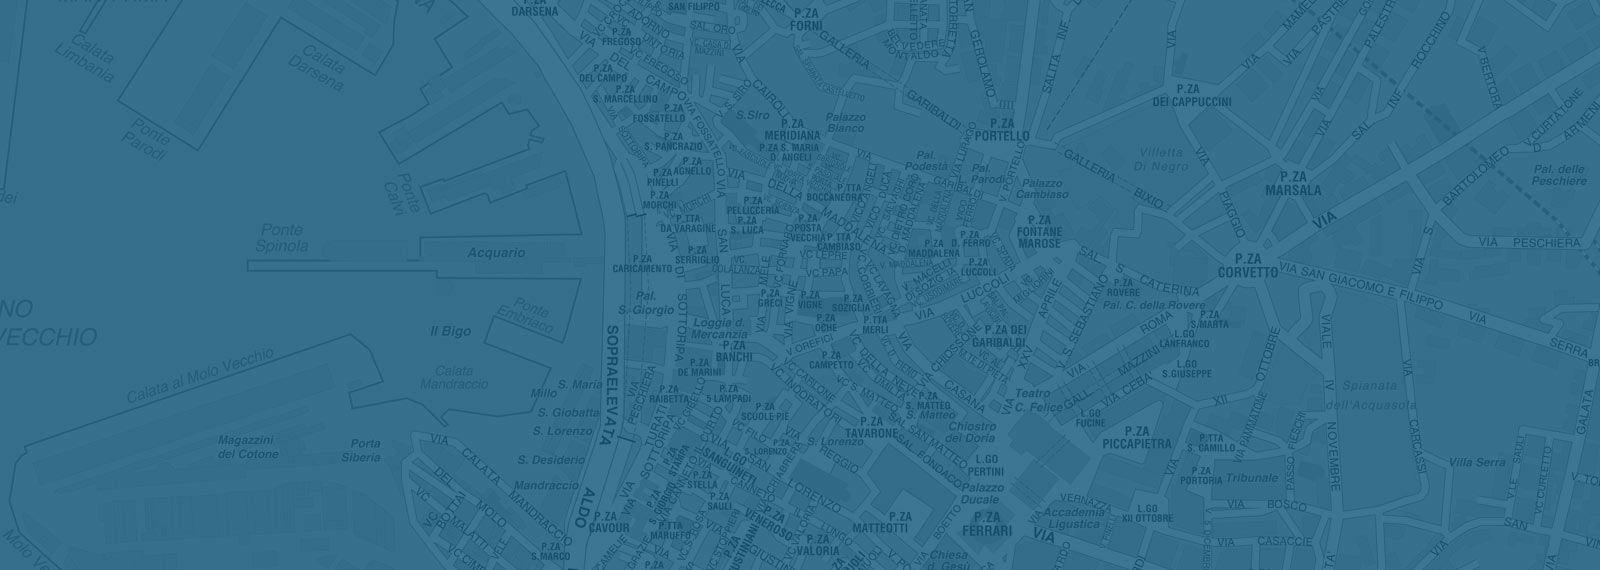 Cartina Scozia Pdf.Tumulo Truffare Indiretto Sfondo Cartina Geografica 3d Albertilatteformaggi Com